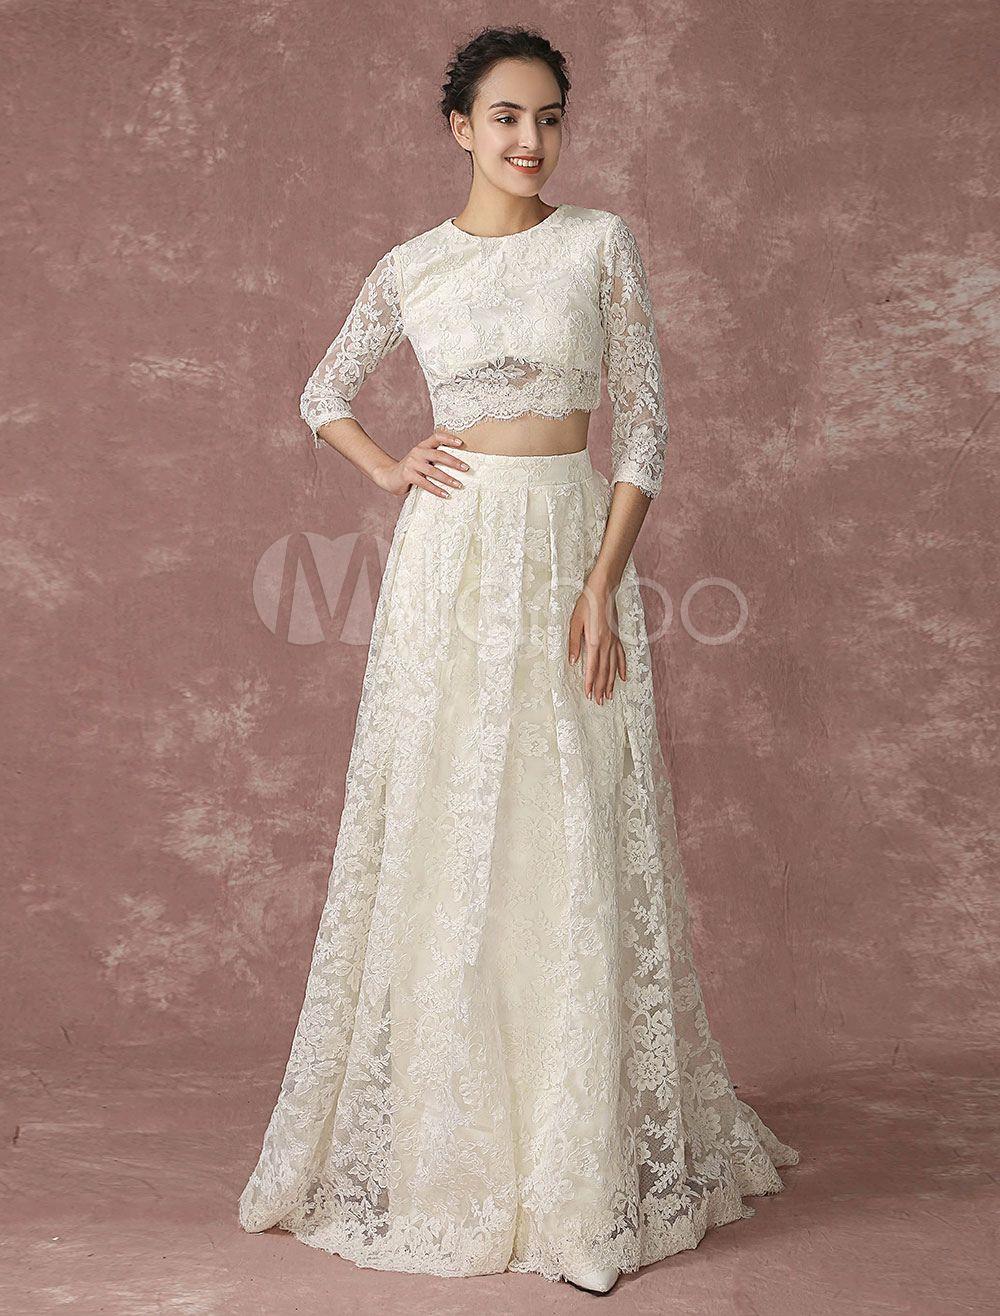 Crop Top Spitze Hochzeitskleid Rückendesign Taschen Brautkleid ...